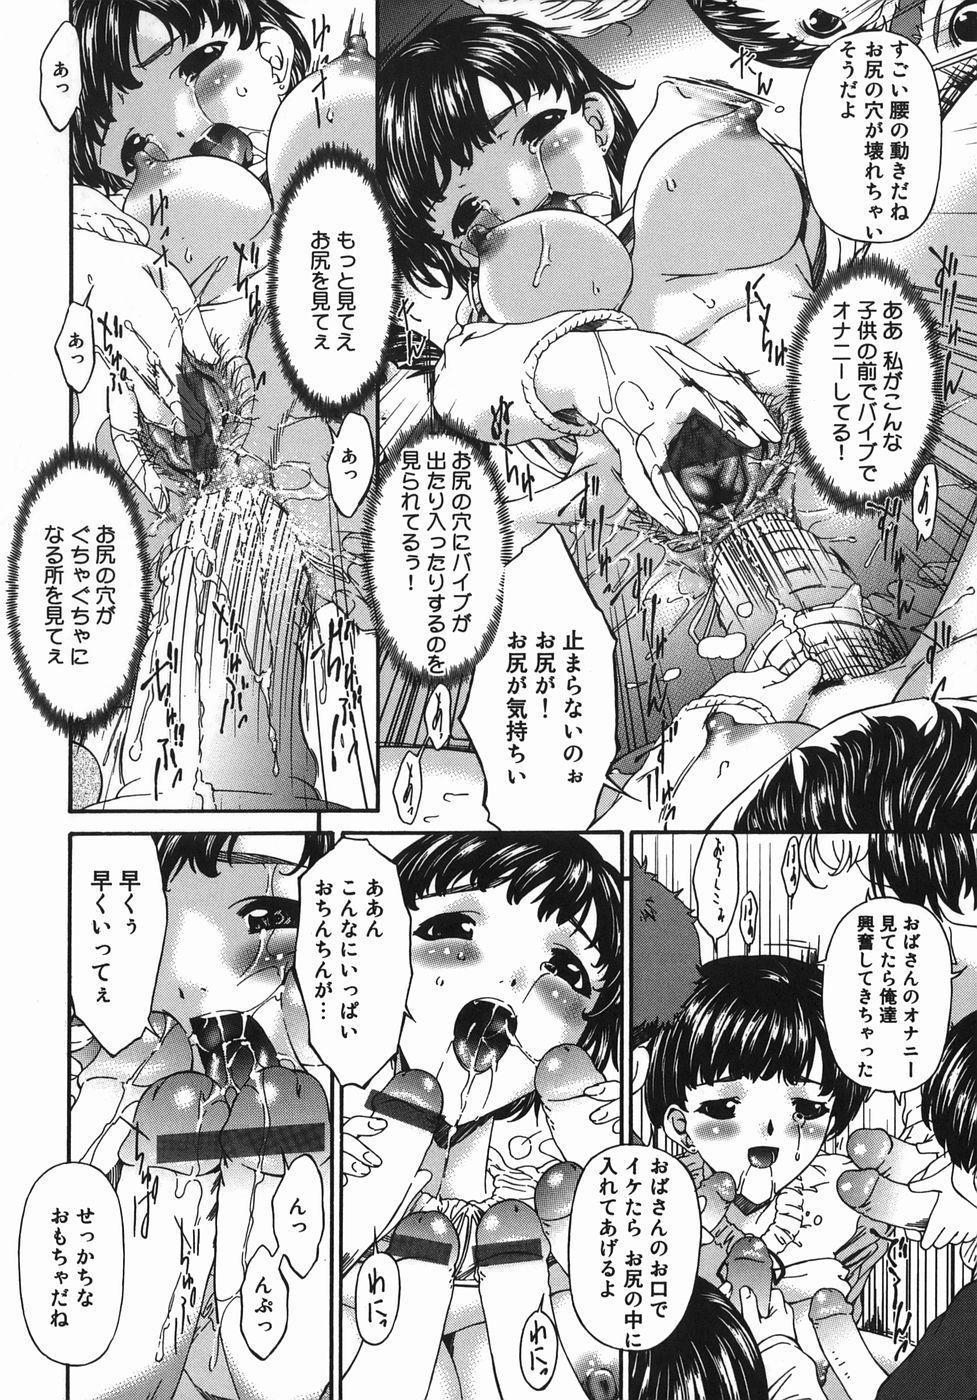 Hensachi ZERO kara no Seiteki Kyouiku 117